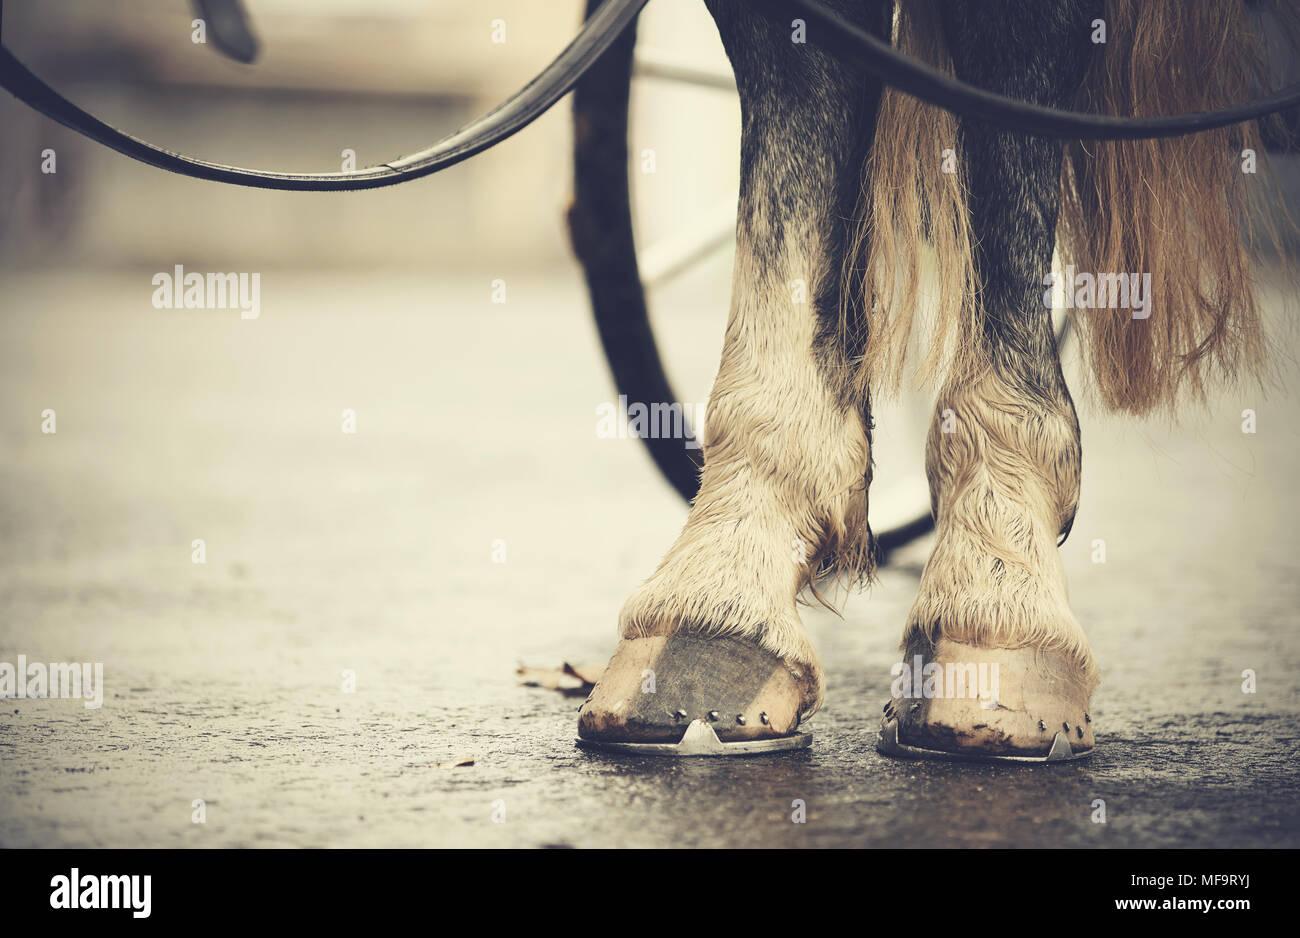 Transport à cheval. Les pattes du cheval harnaché dans le chariot. Photo Stock